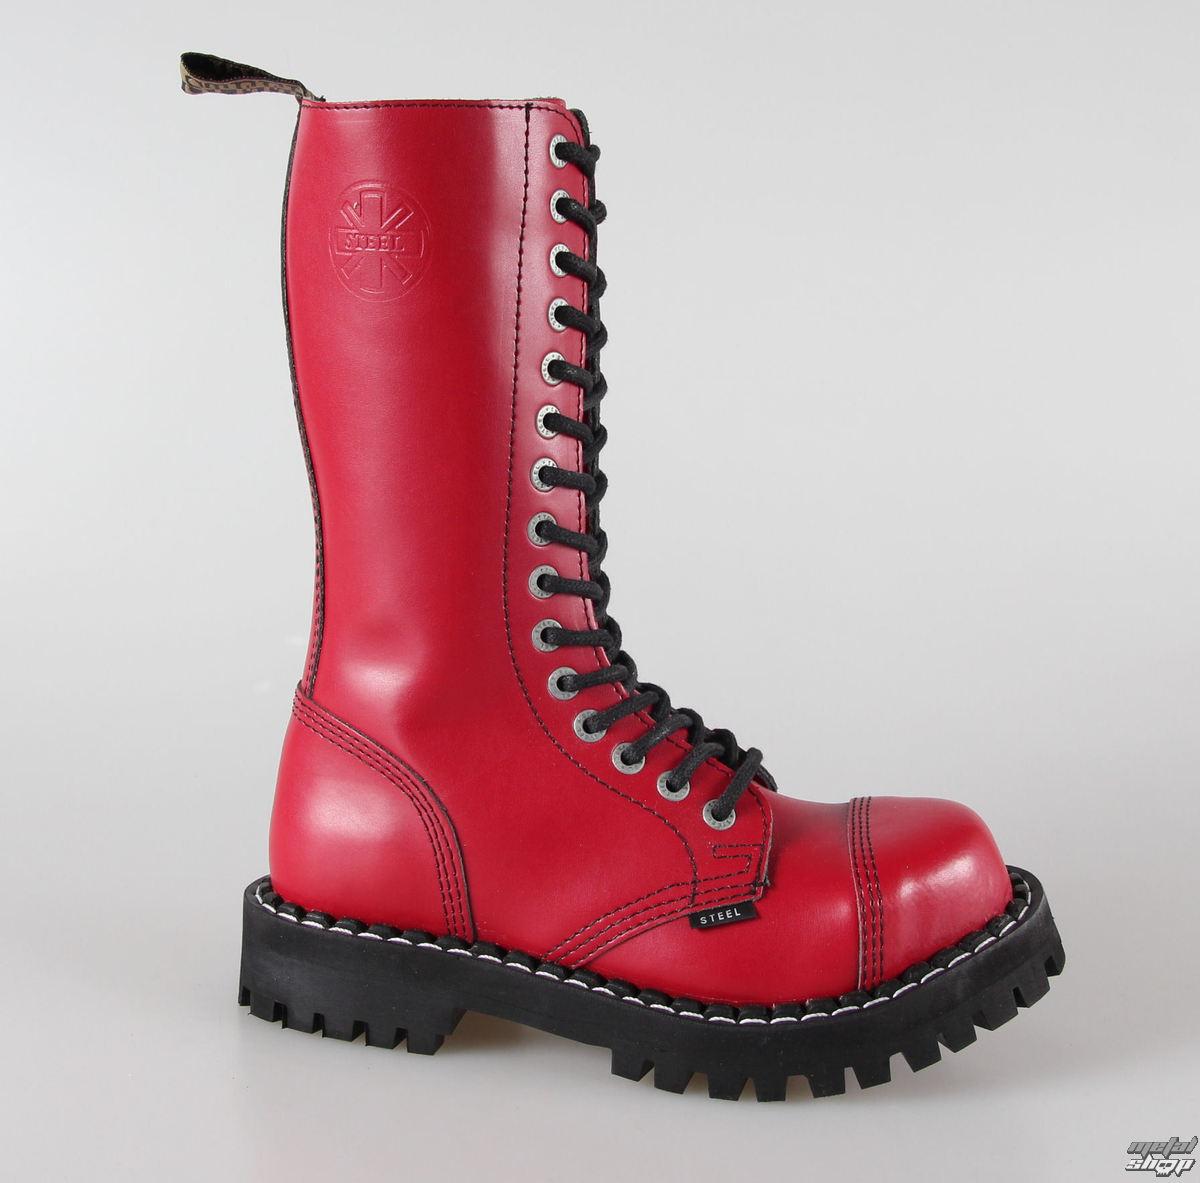 topánky STEEL - 10 dierkové čierne ( 105 106 Black) 10tich-dierkové ... 9cff6322fc